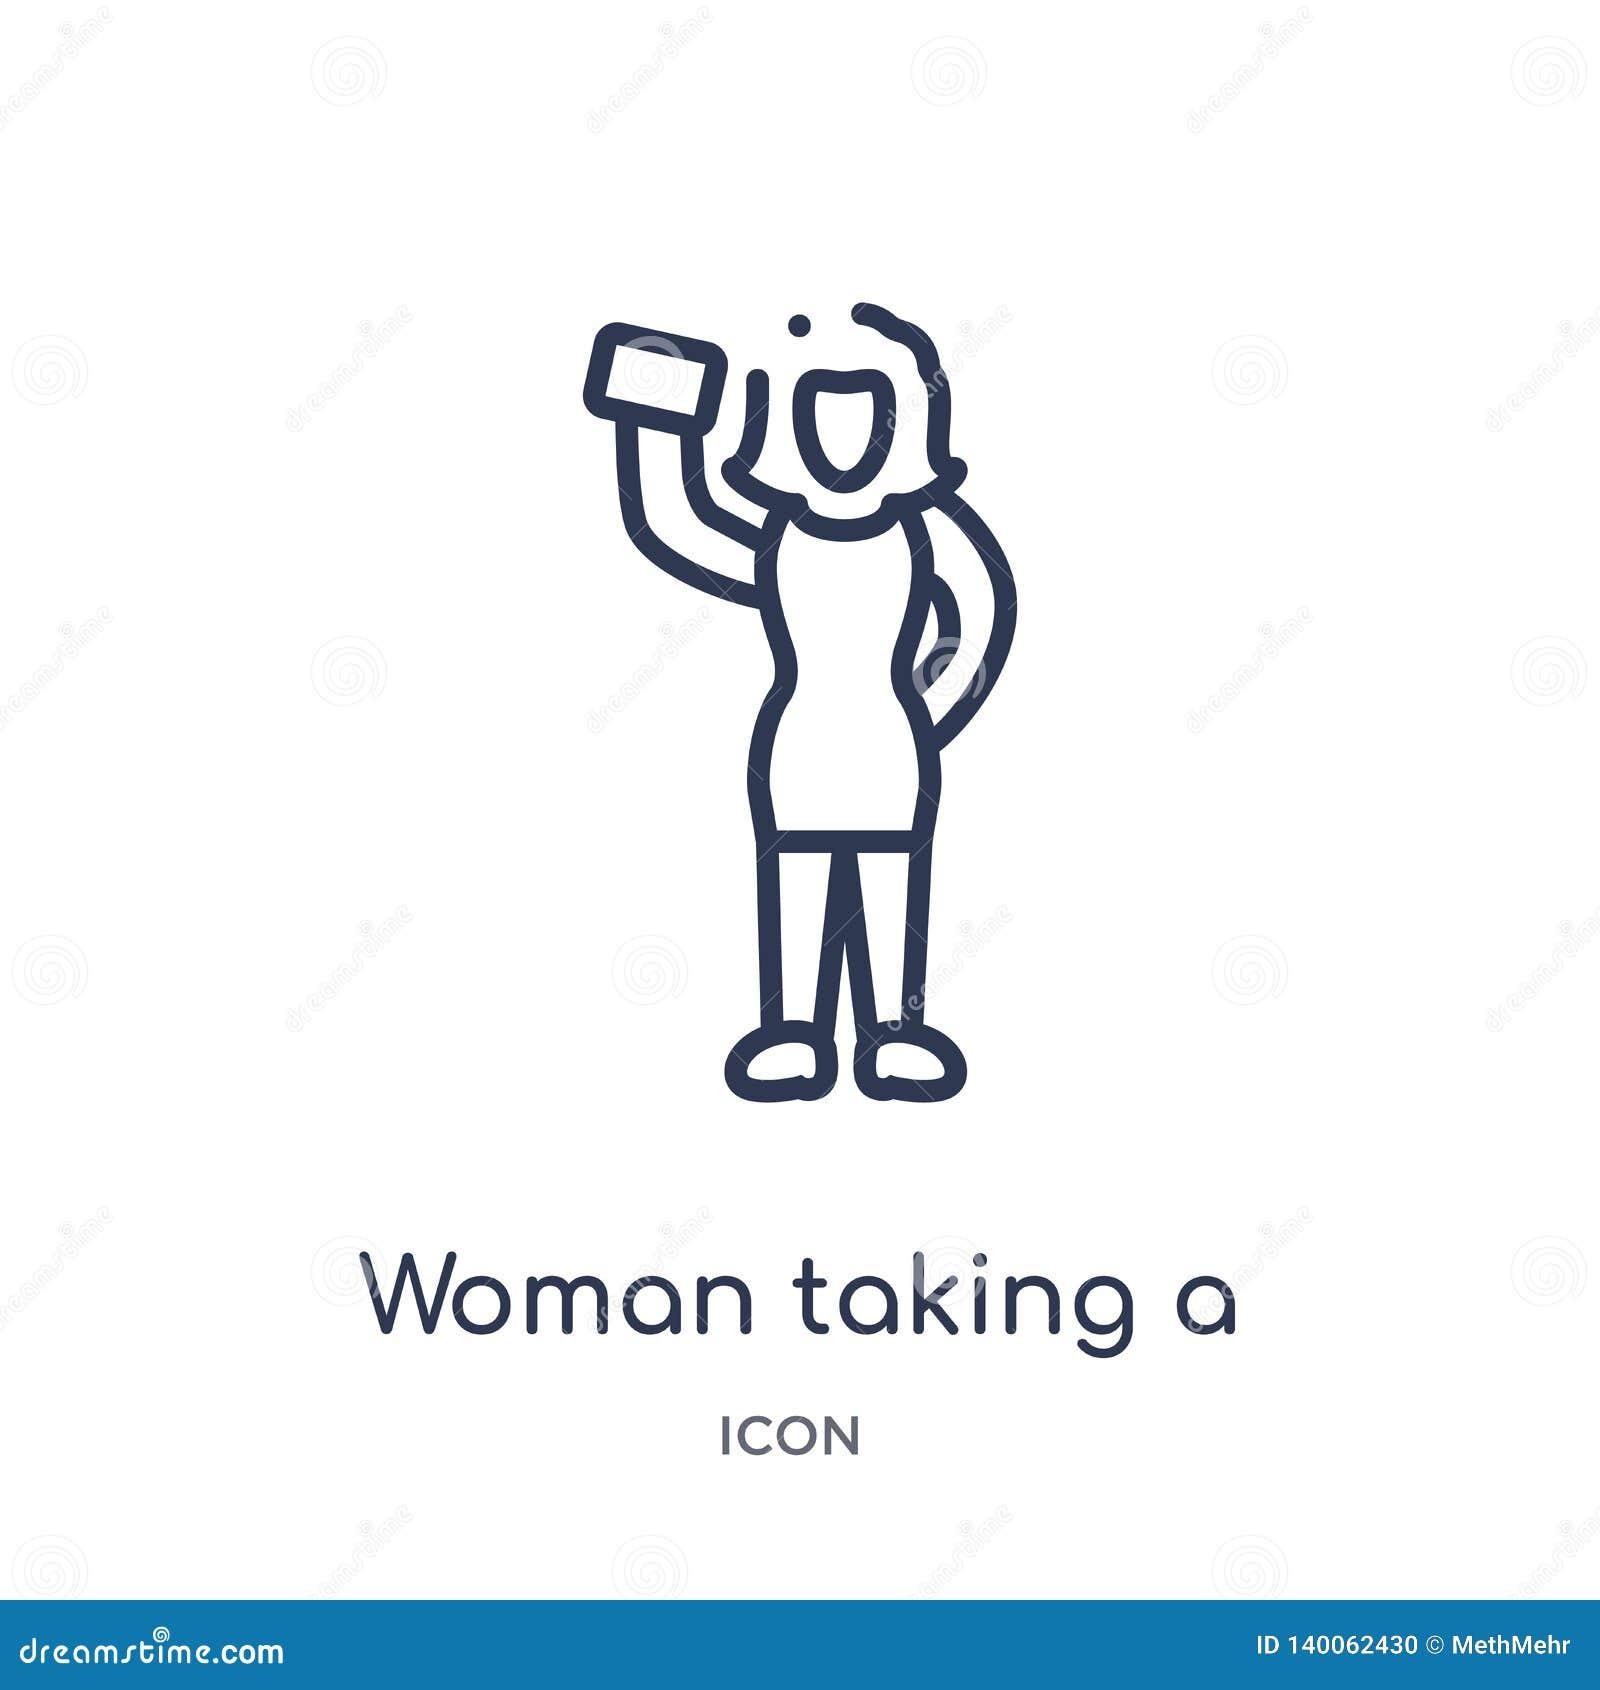 Lineaire vrouw die een selfiepictogram van de inzameling van het Damesoverzicht nemen Dunne lijnvrouw die die een selfiepictogram